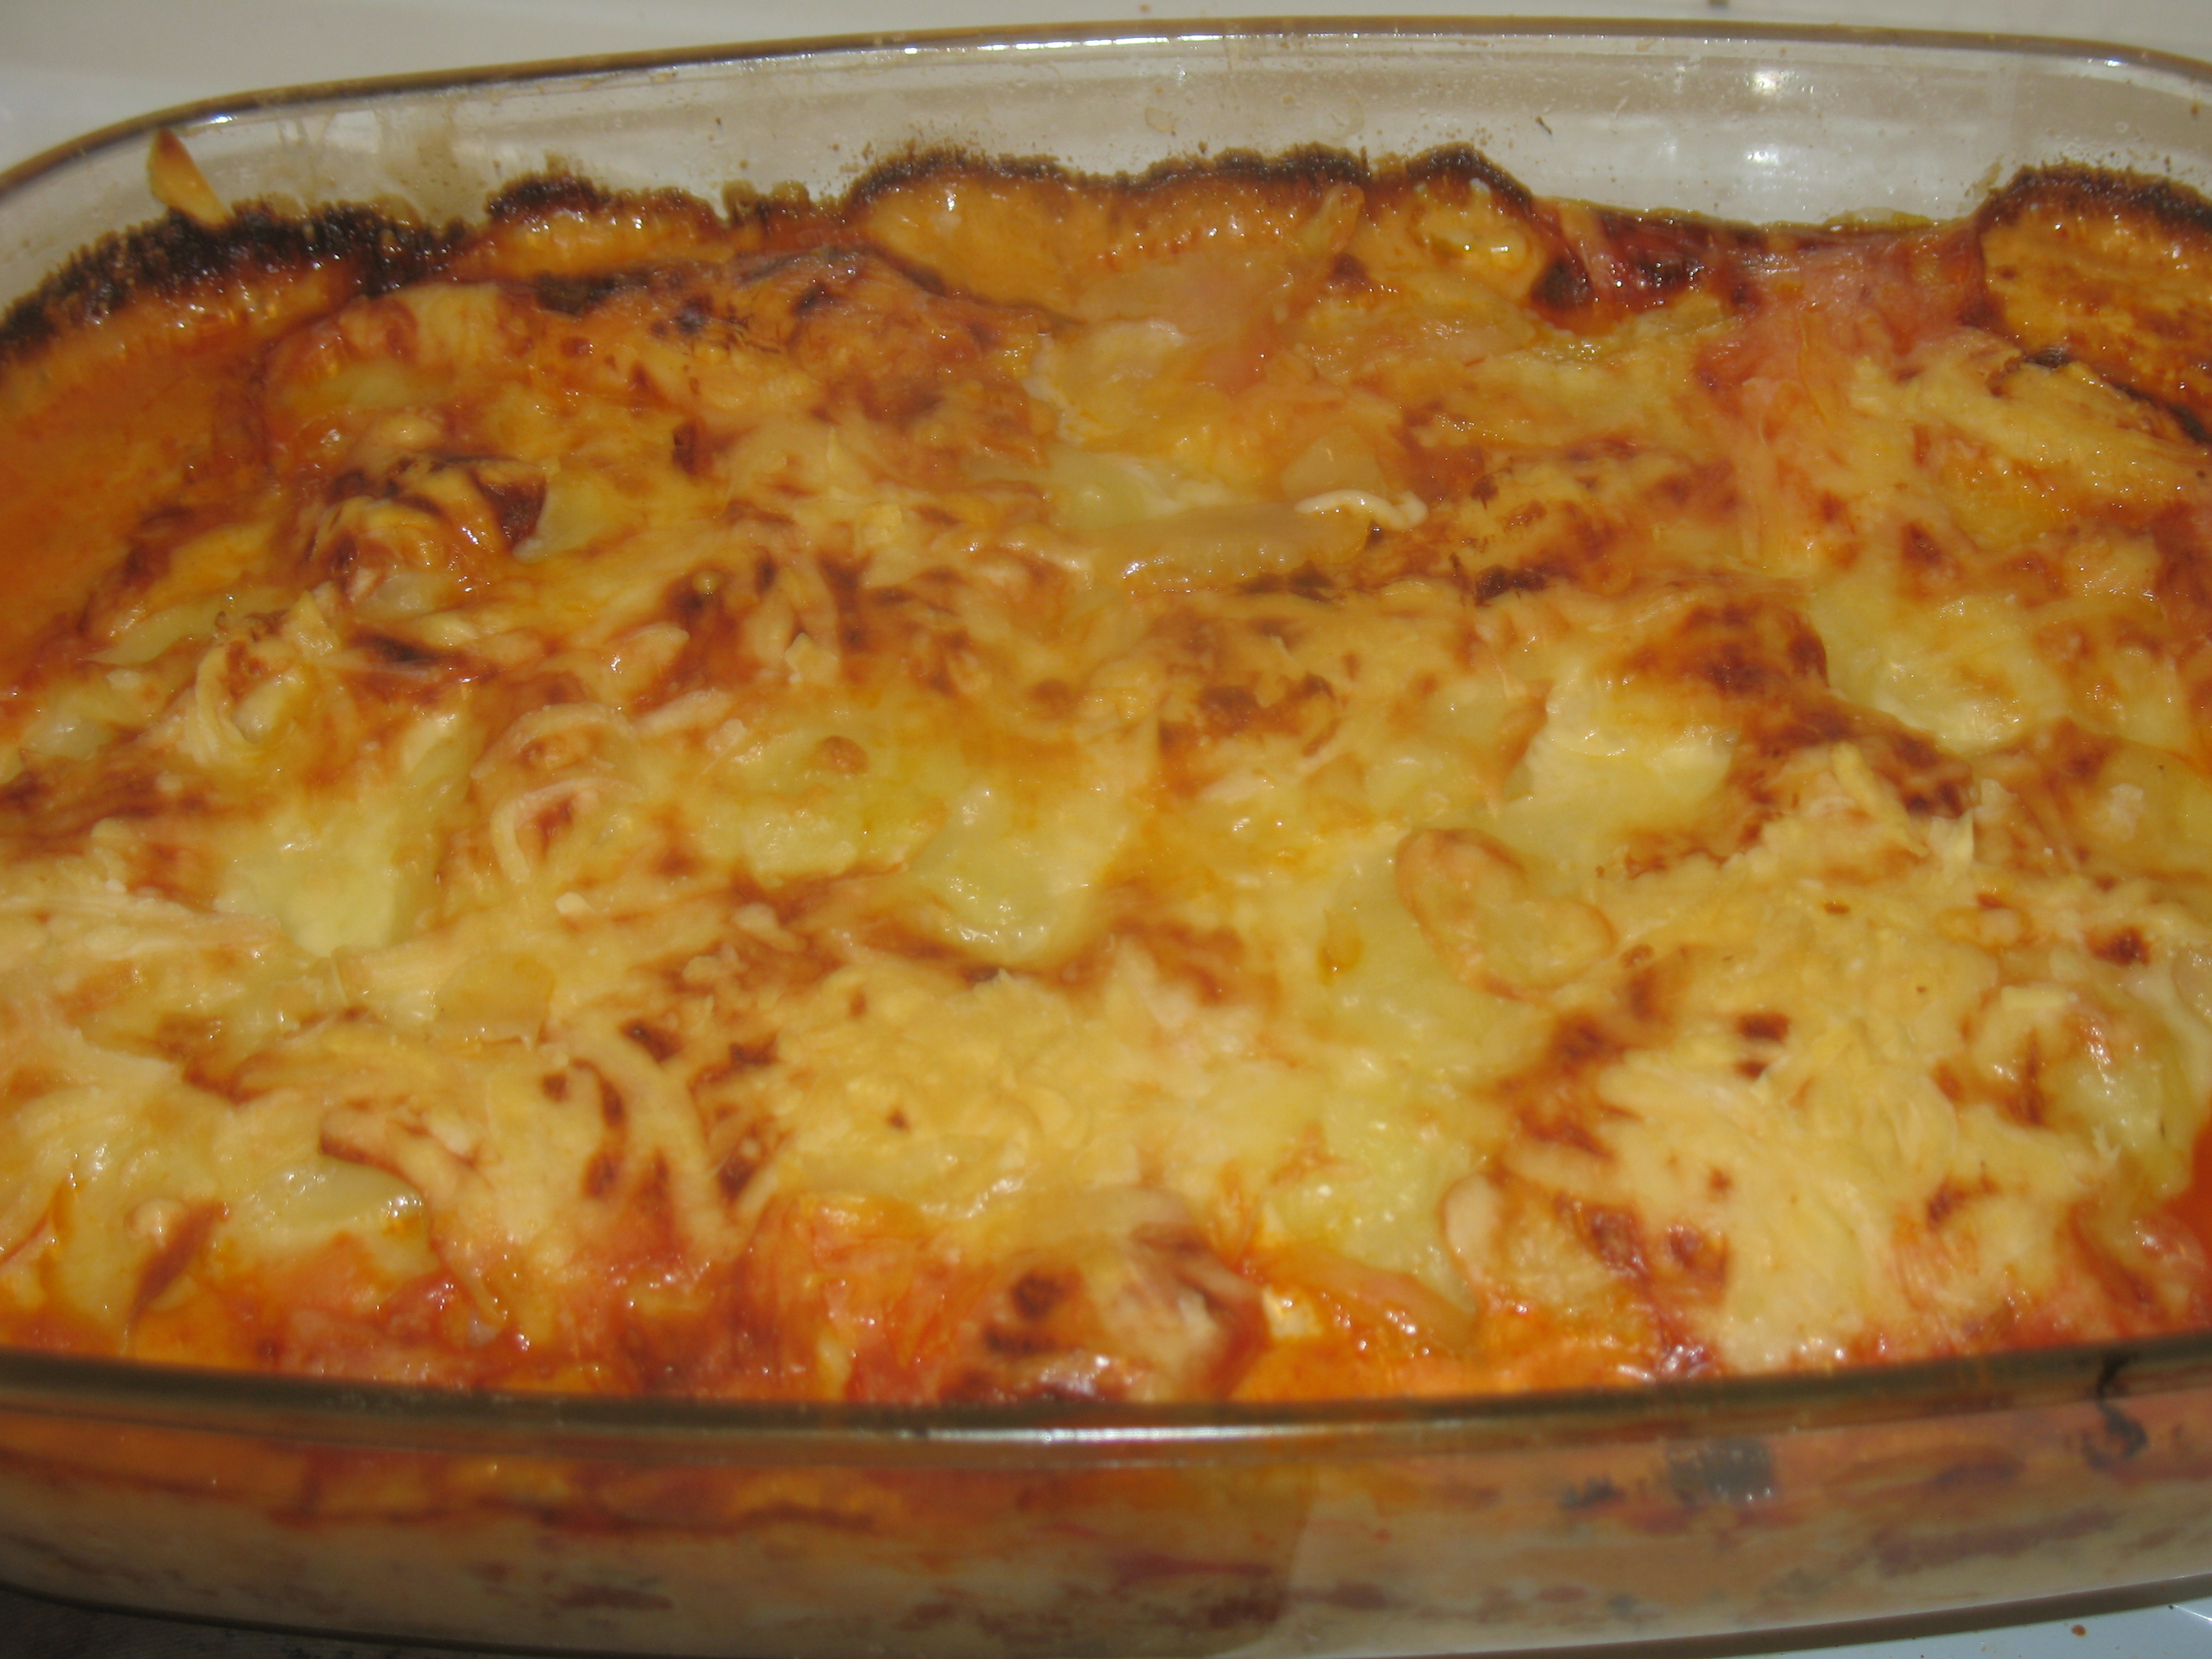 Ljuvlig potatis och köttfärsgratäng